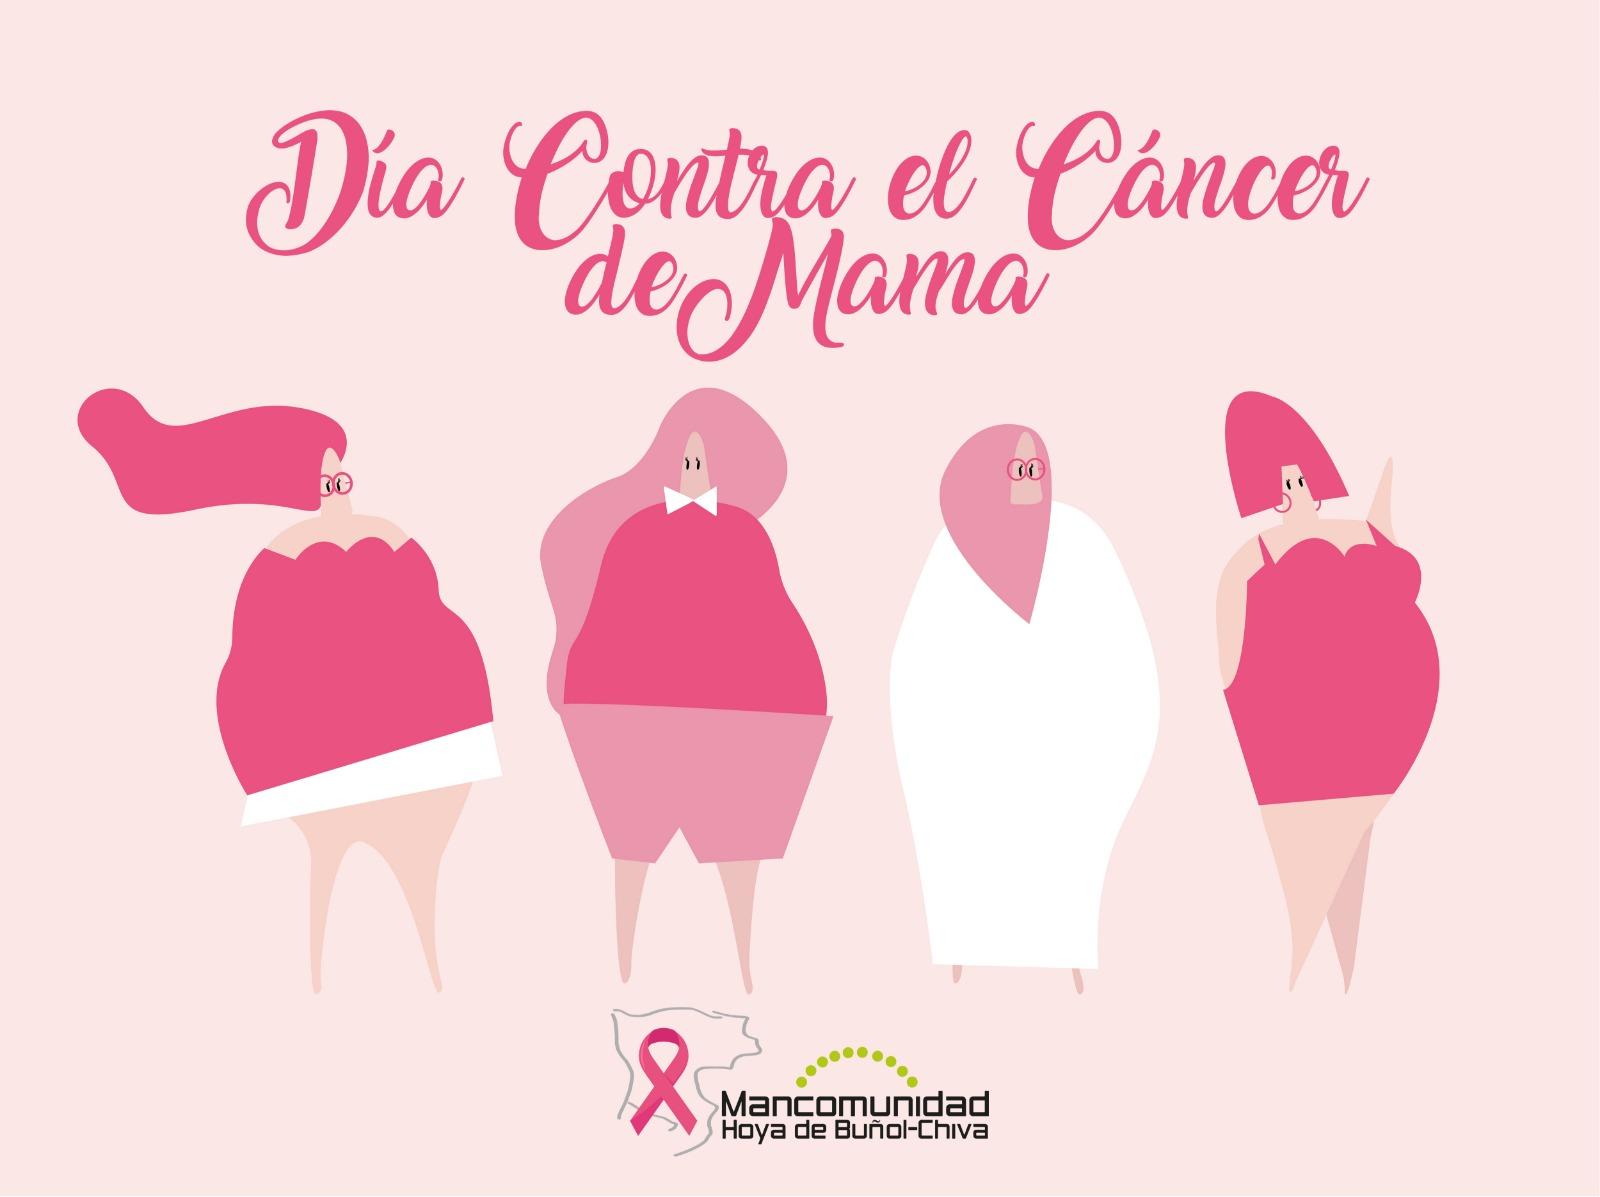 La web lucirá el color rosa hasta el lunes en homenaje a las mujeres que padecen la enfermedad.